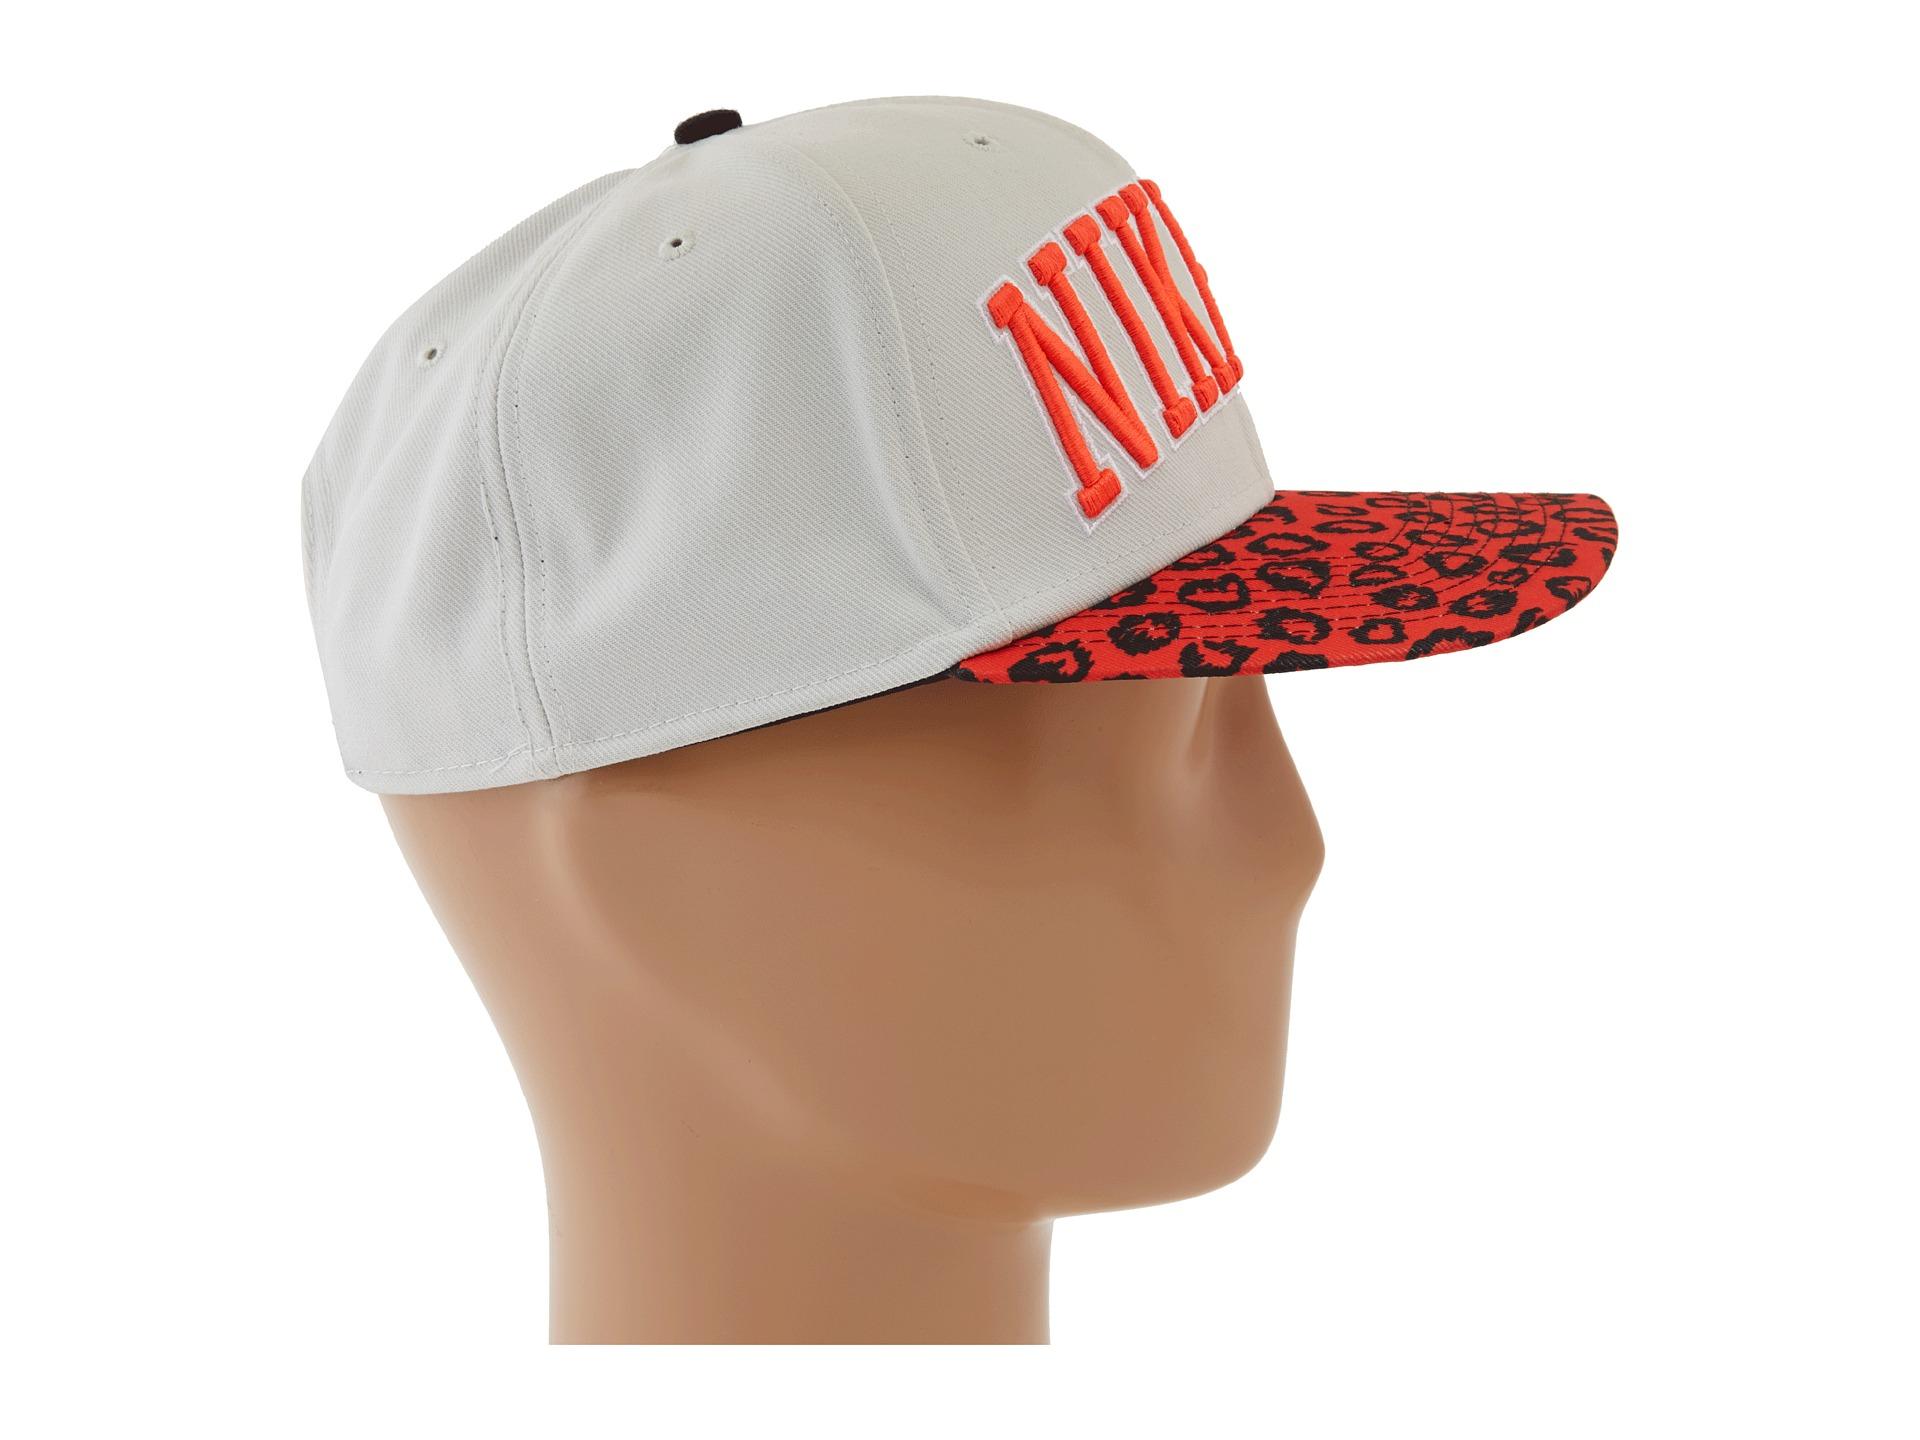 c9d73e9b681 Lyst - Nike Sb Leopard Snapback Hat in Gray for Men